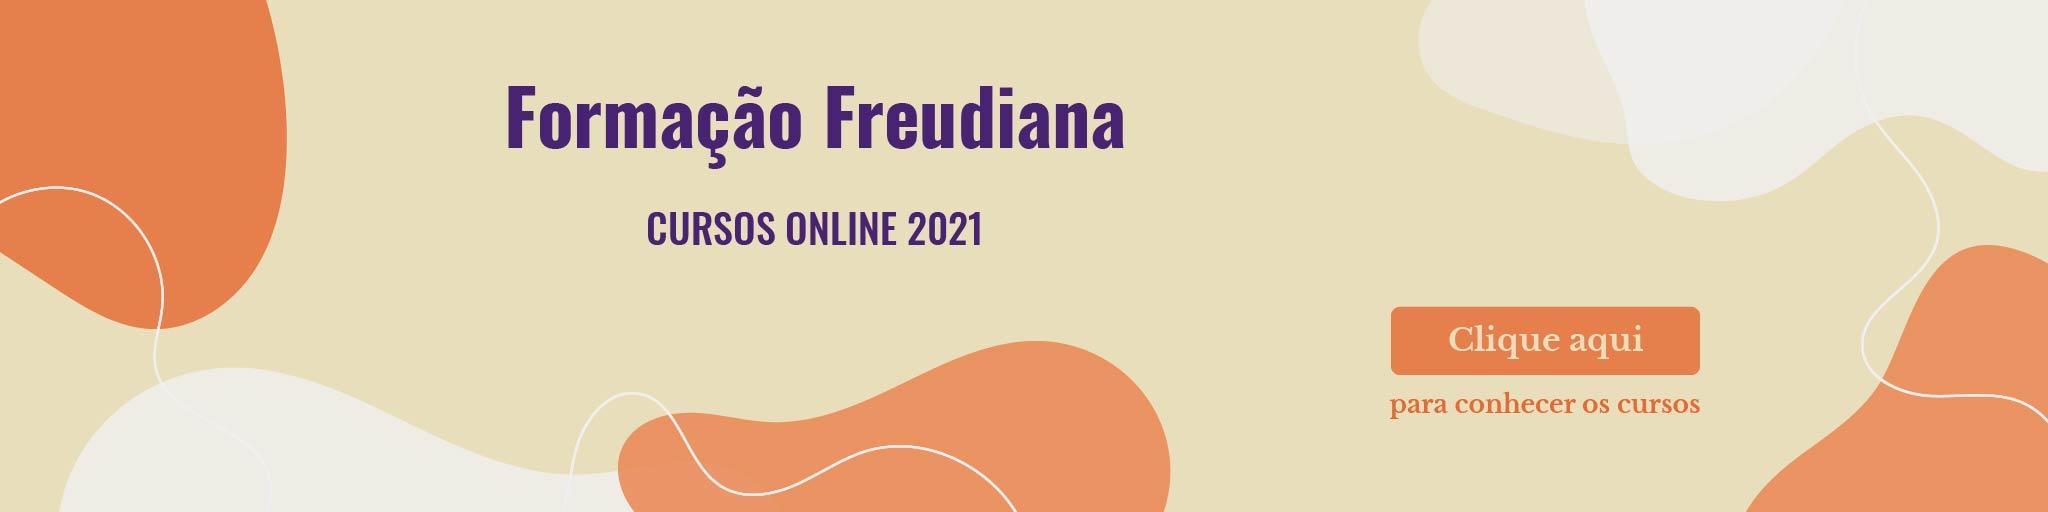 Cursos FF 2021